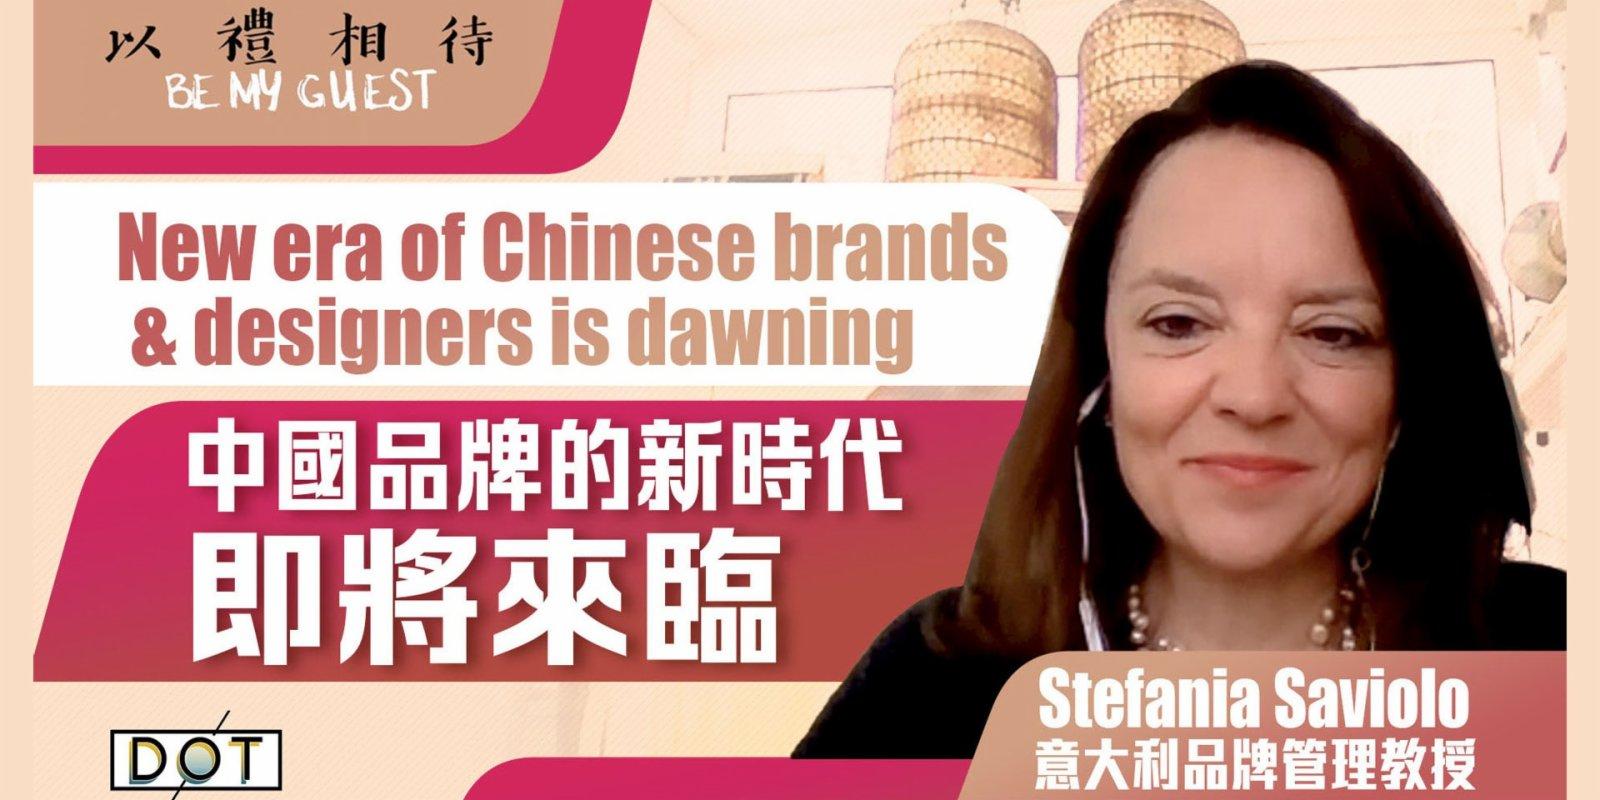 以禮相待 | 意大利品牌管理教授Stefania Saviolo:中國品牌的新時代即將來臨